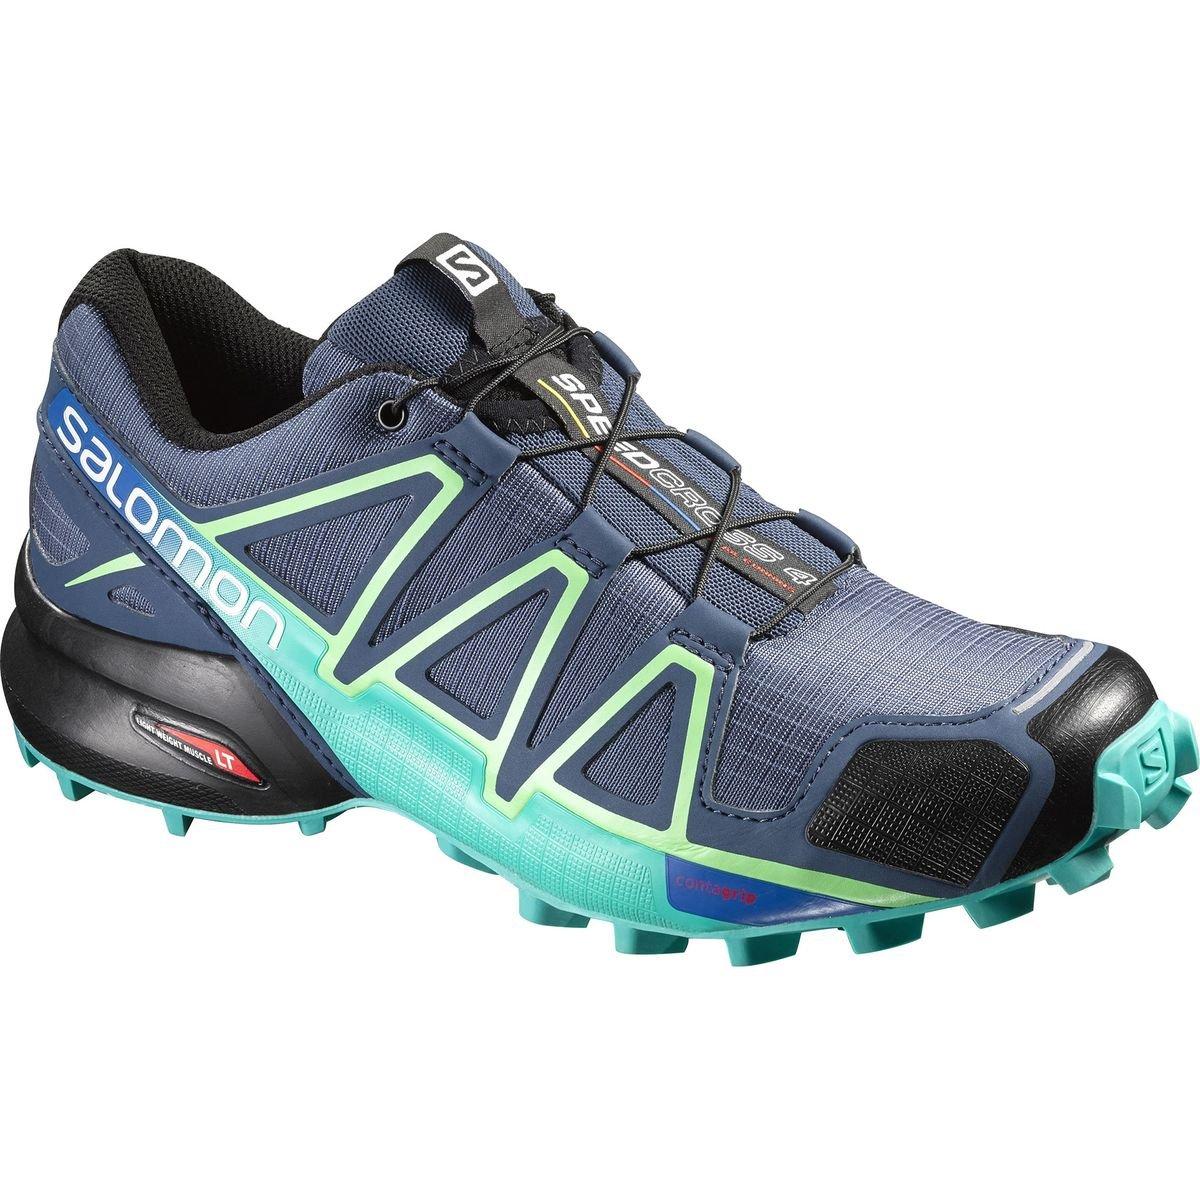 Salomon Speedcross 4 Trail-Running Shoes Women's (W7, Slate Blue/Blue/Fresh Green)